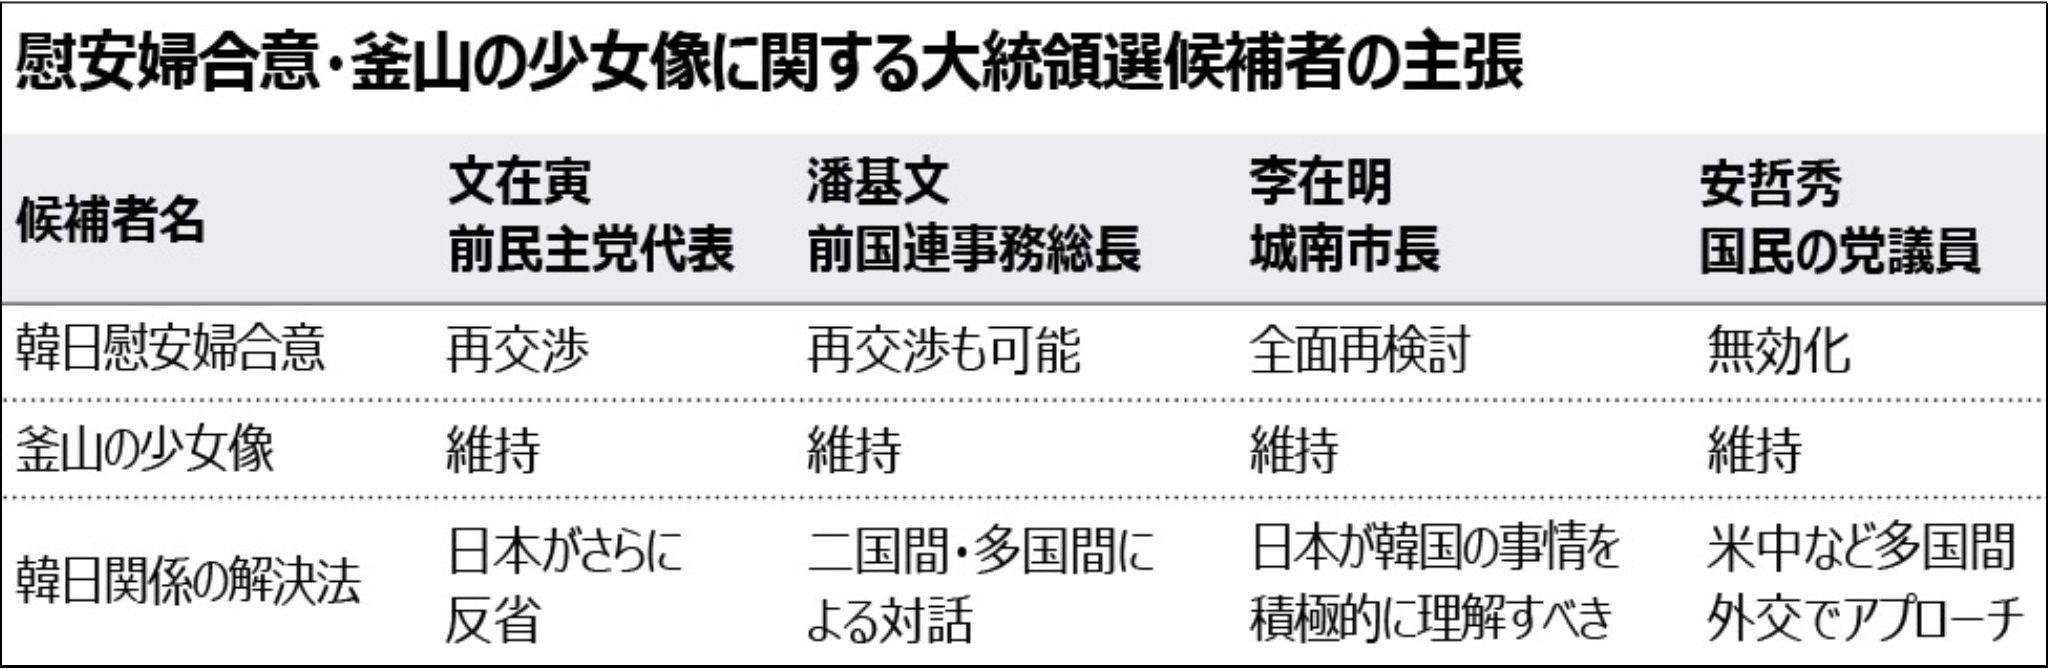 http://livedoor.blogimg.jp/gensen_2ch/imgs/e/1/e1ceebdc.jpg